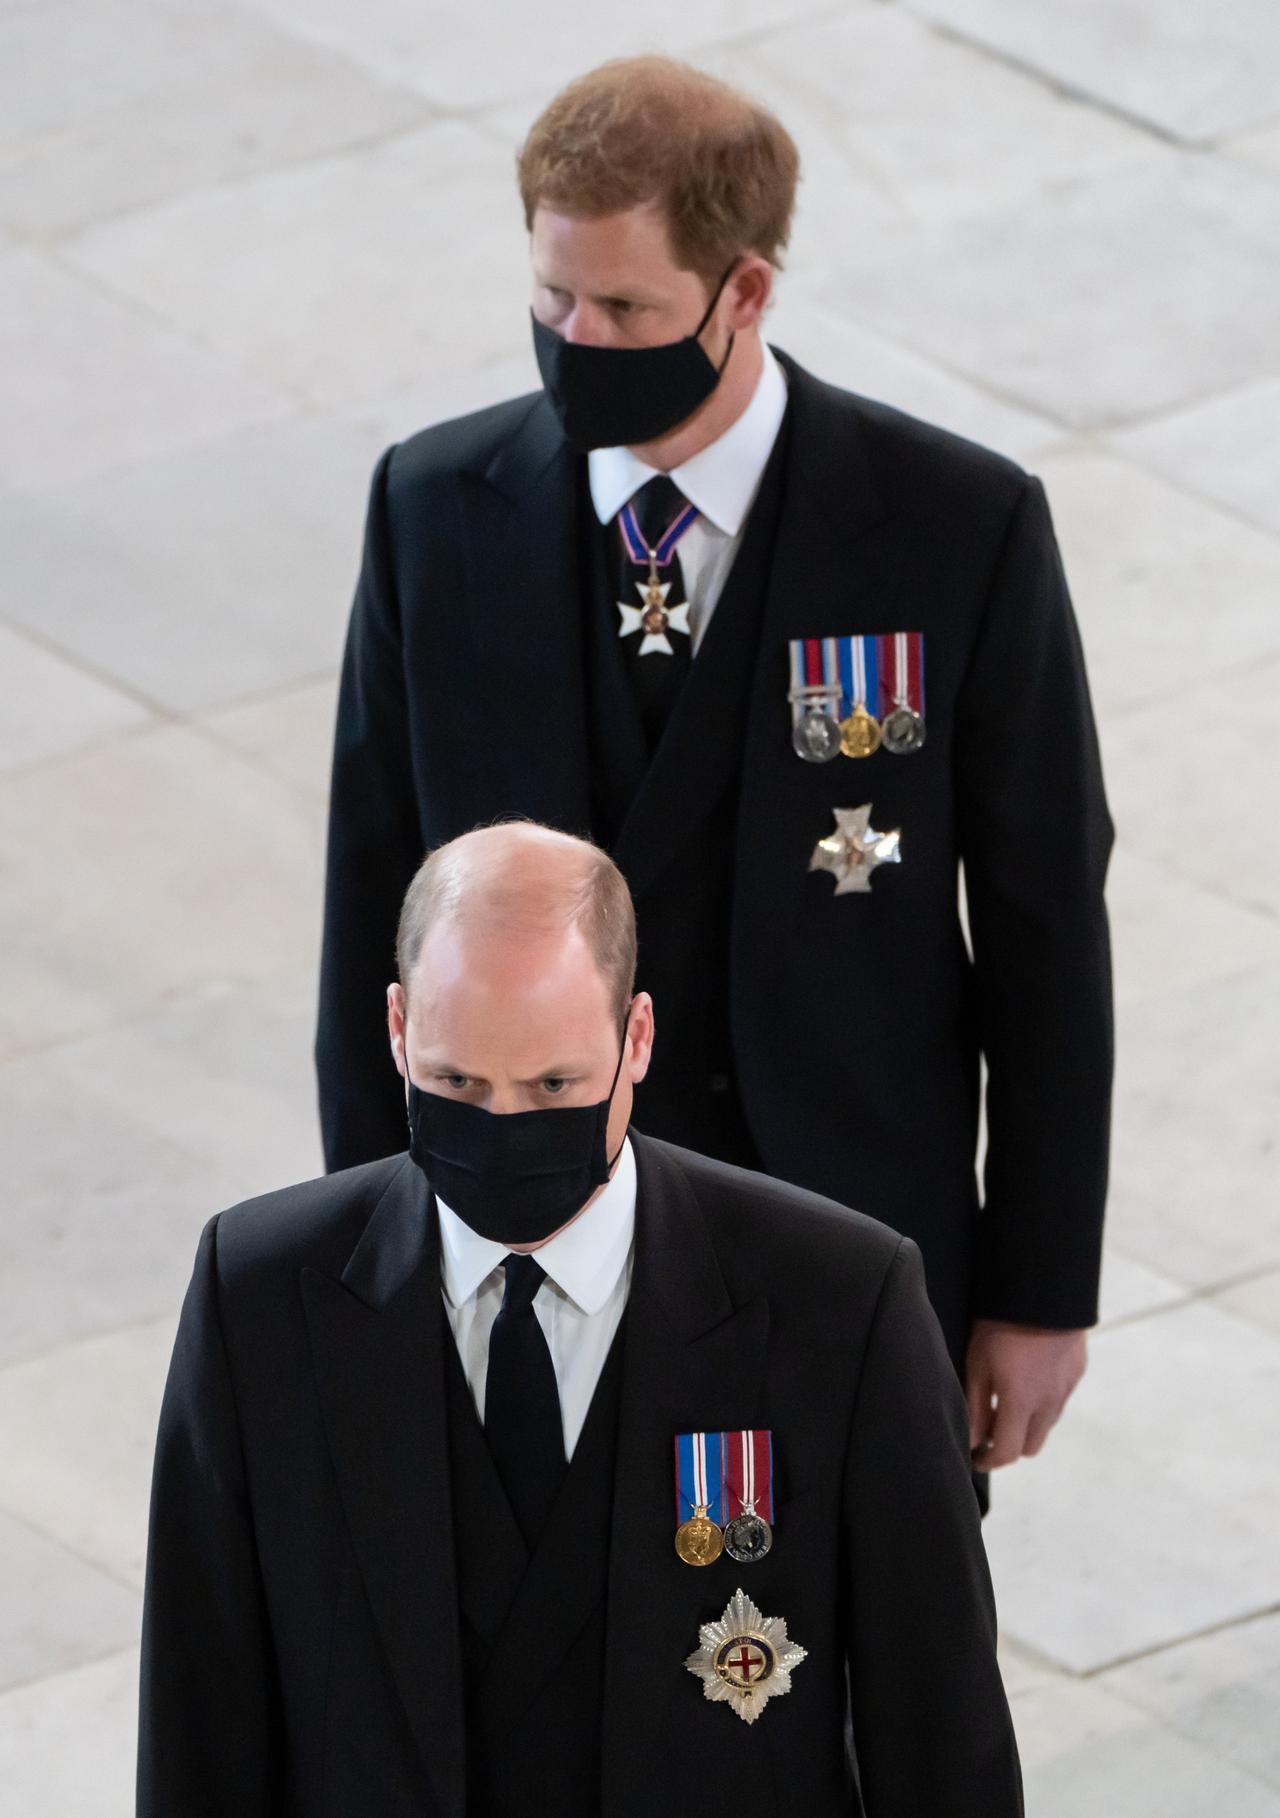 画像: ウィリアム王子とヘンリー王子が仲直りする日はほど遠い!?